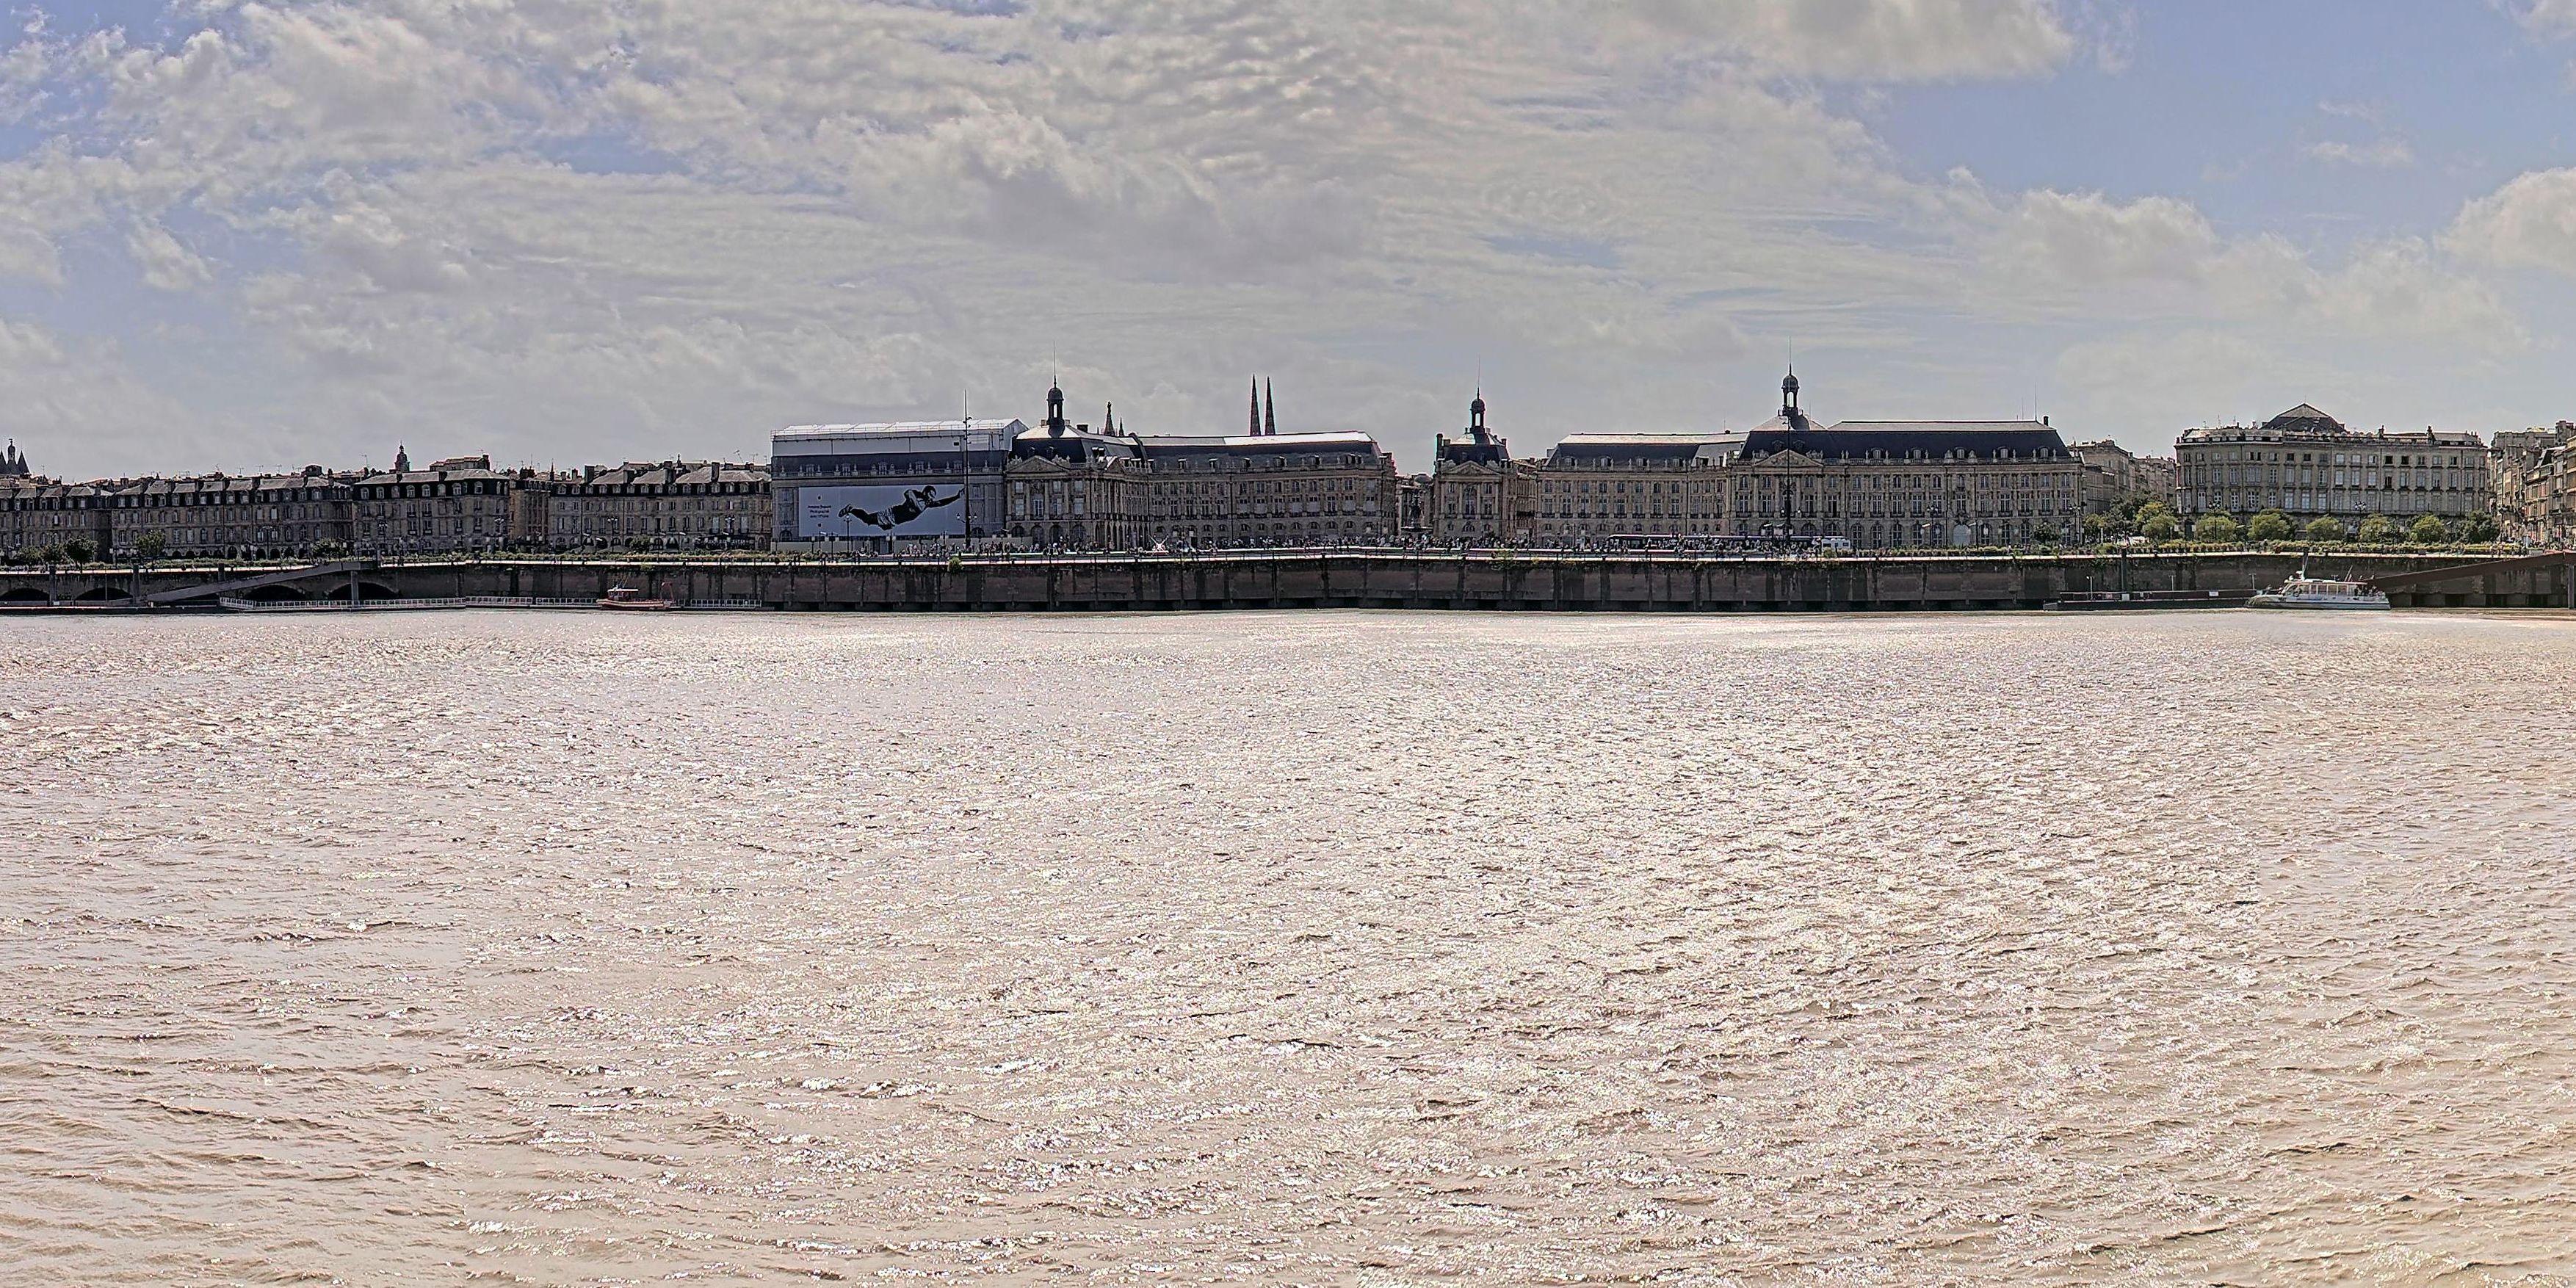 Bordeaux Thu. 17:06